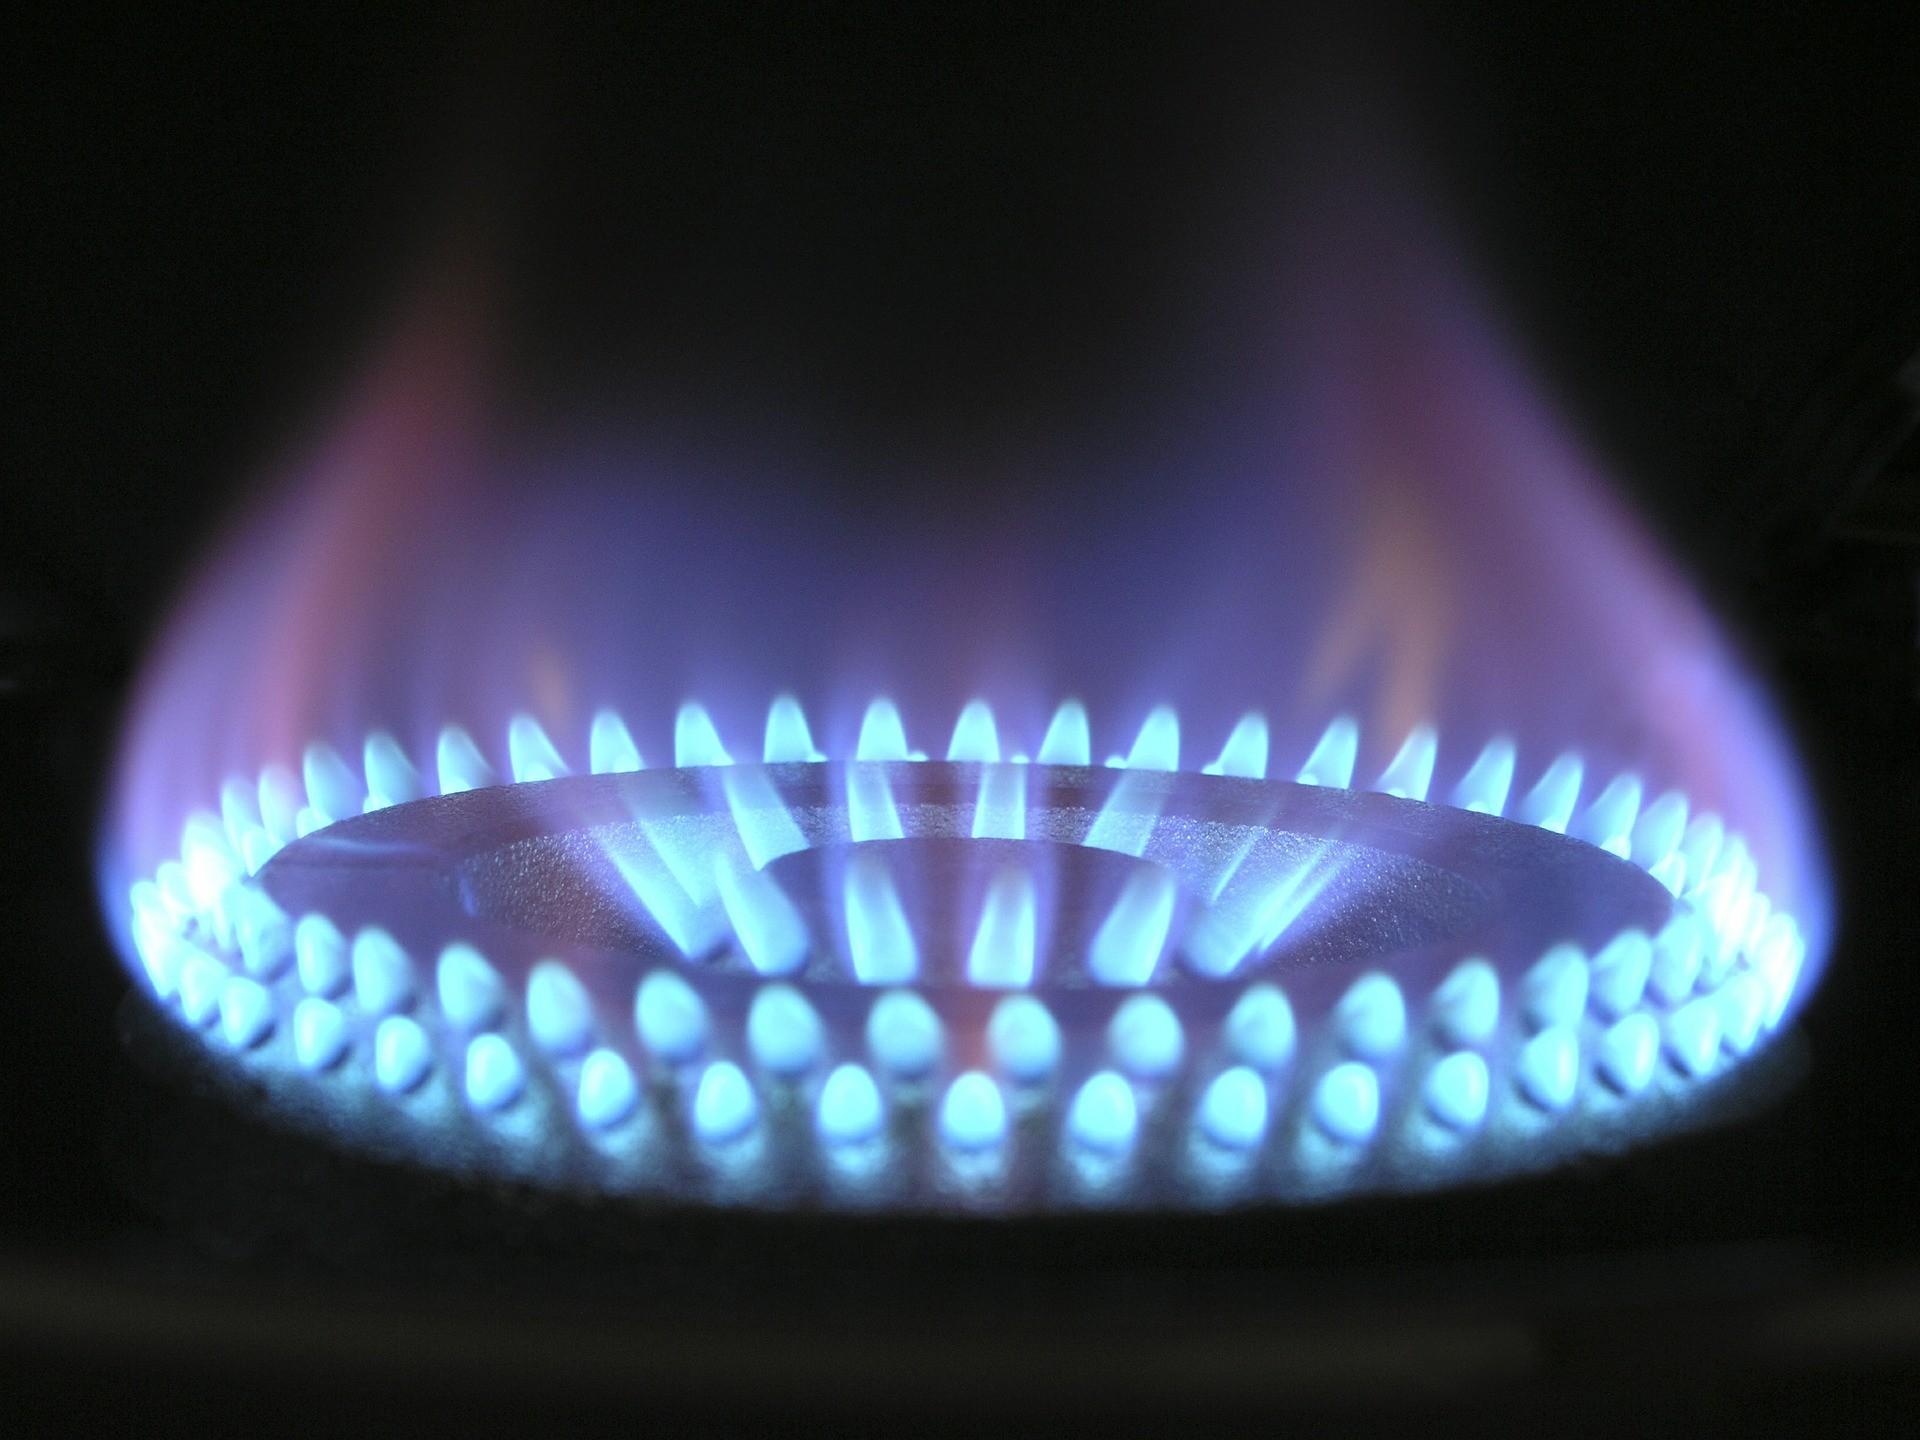 Vazamento de gás: por que é tão perigoso e como você pode  evitá-lo - Noticias